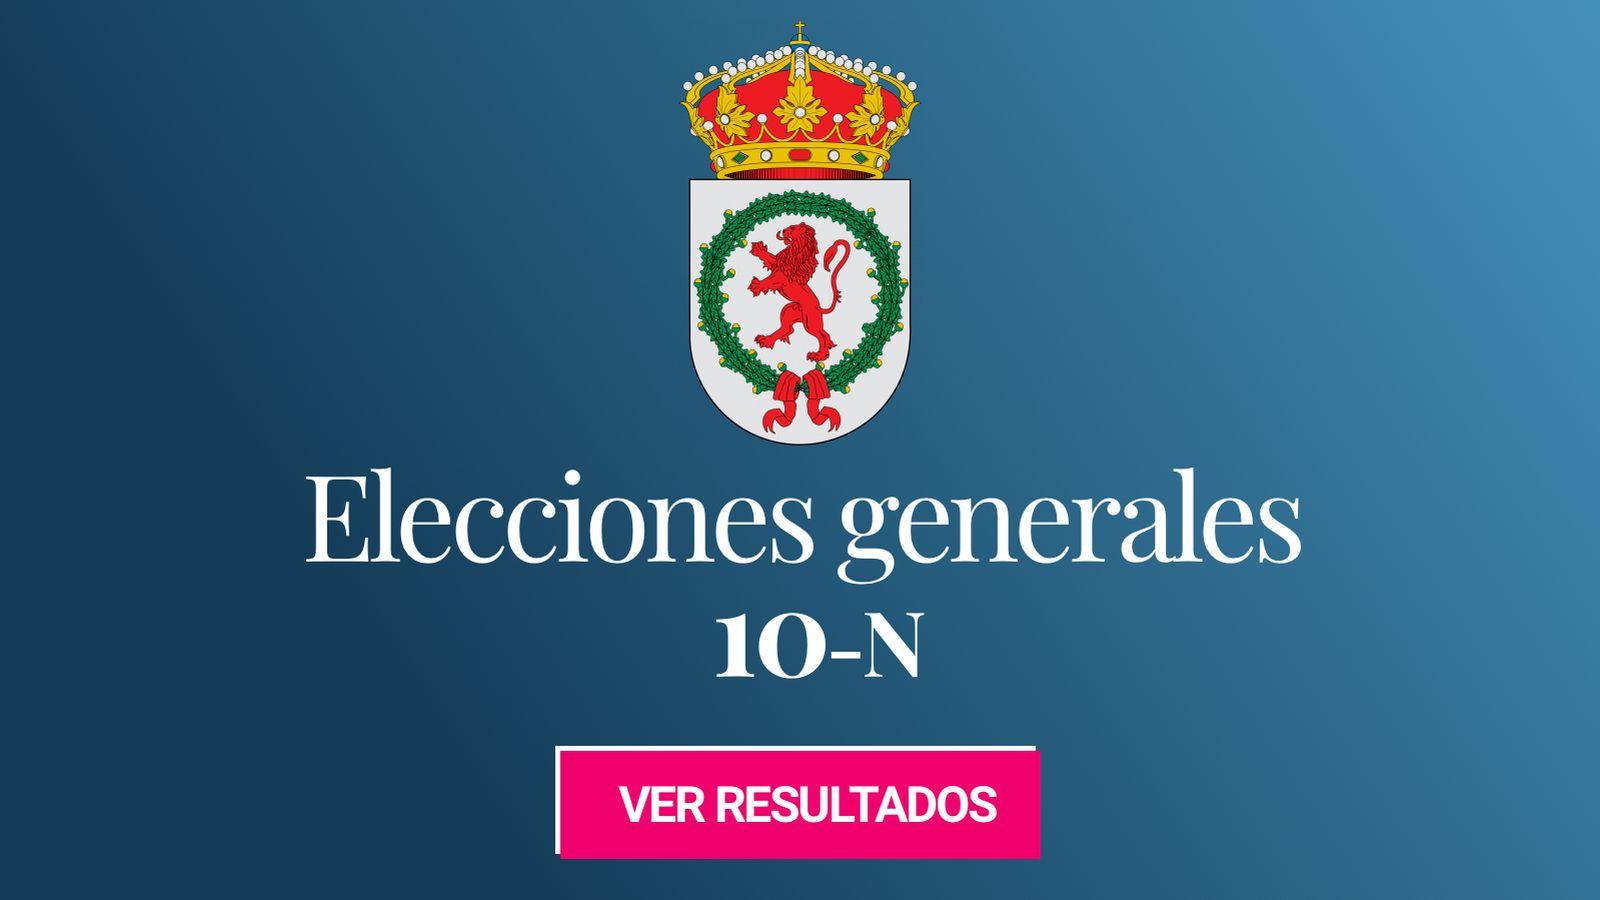 Foto: Elecciones generales 2019 en Coslada. (C.C./EC)